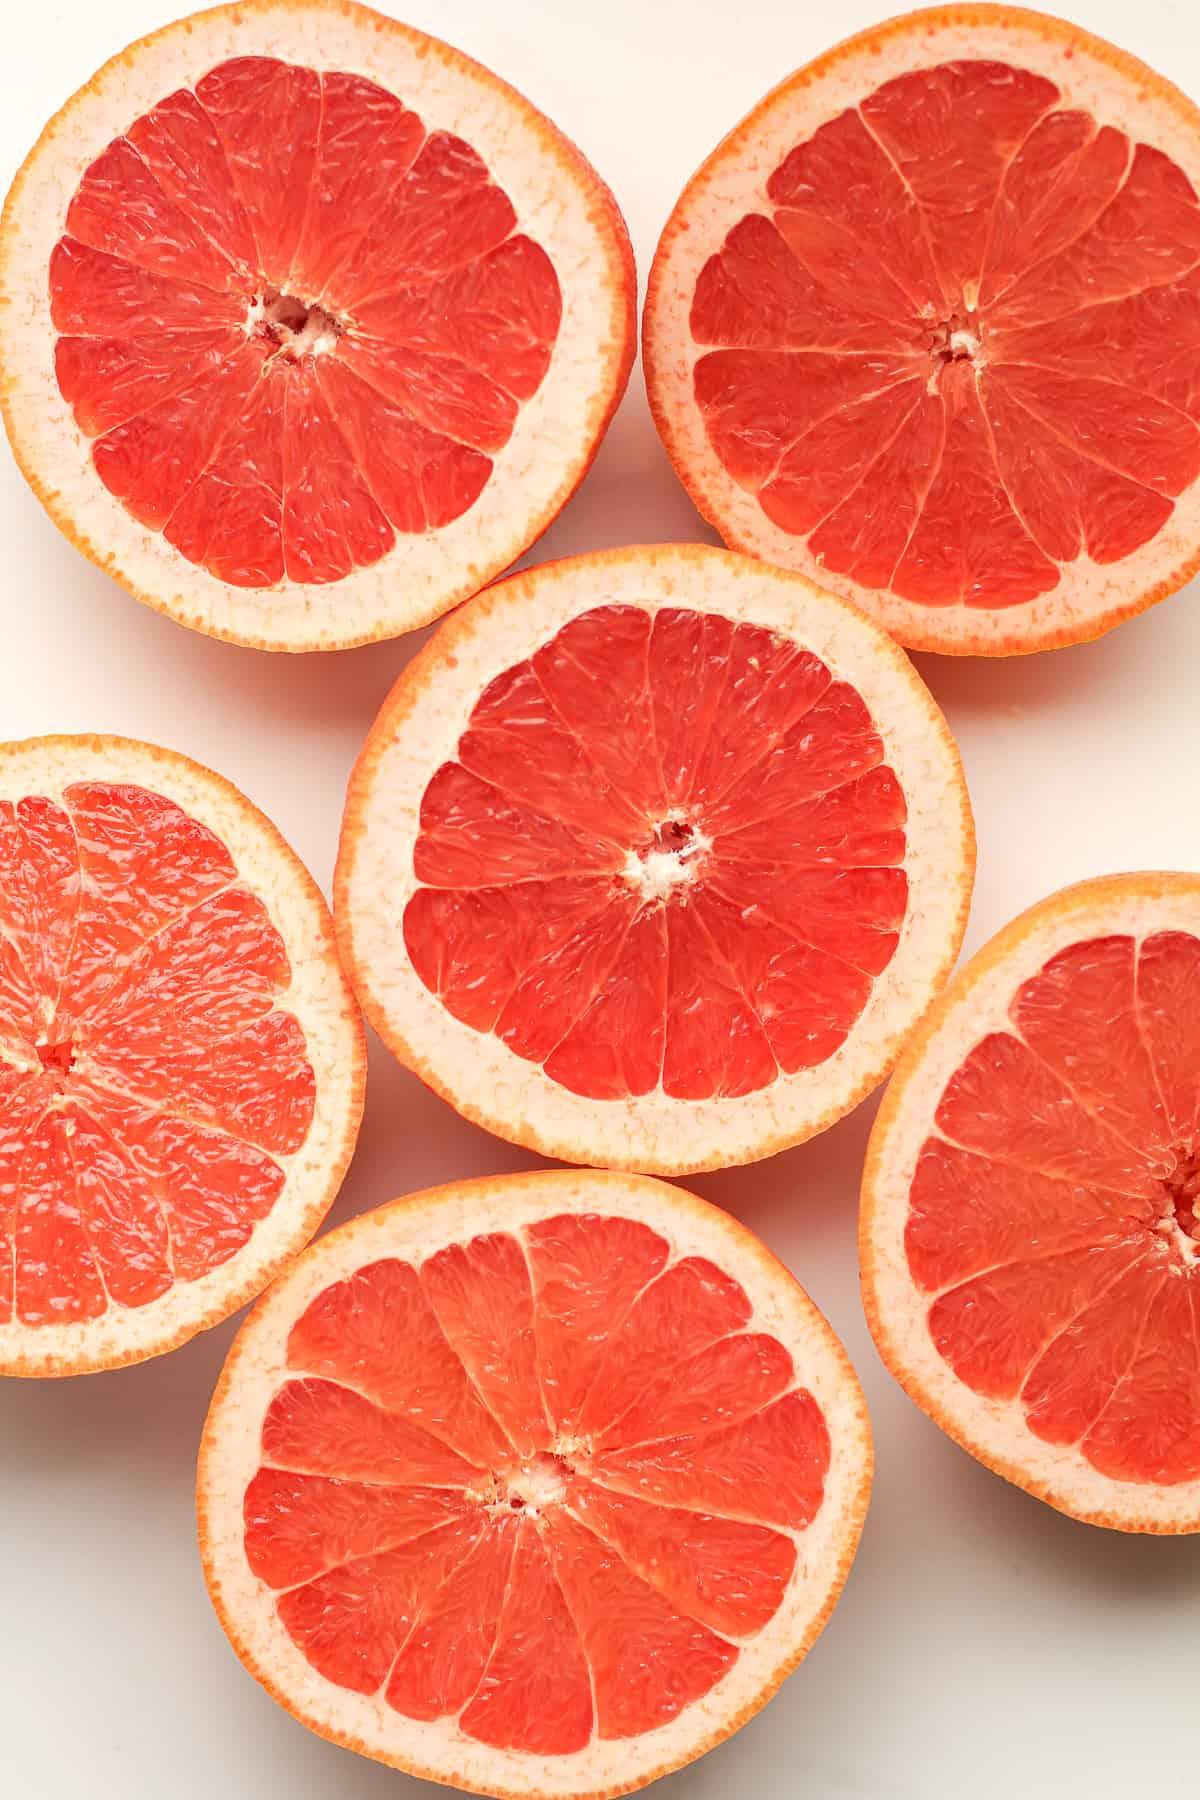 Grapefruit halves facing up.